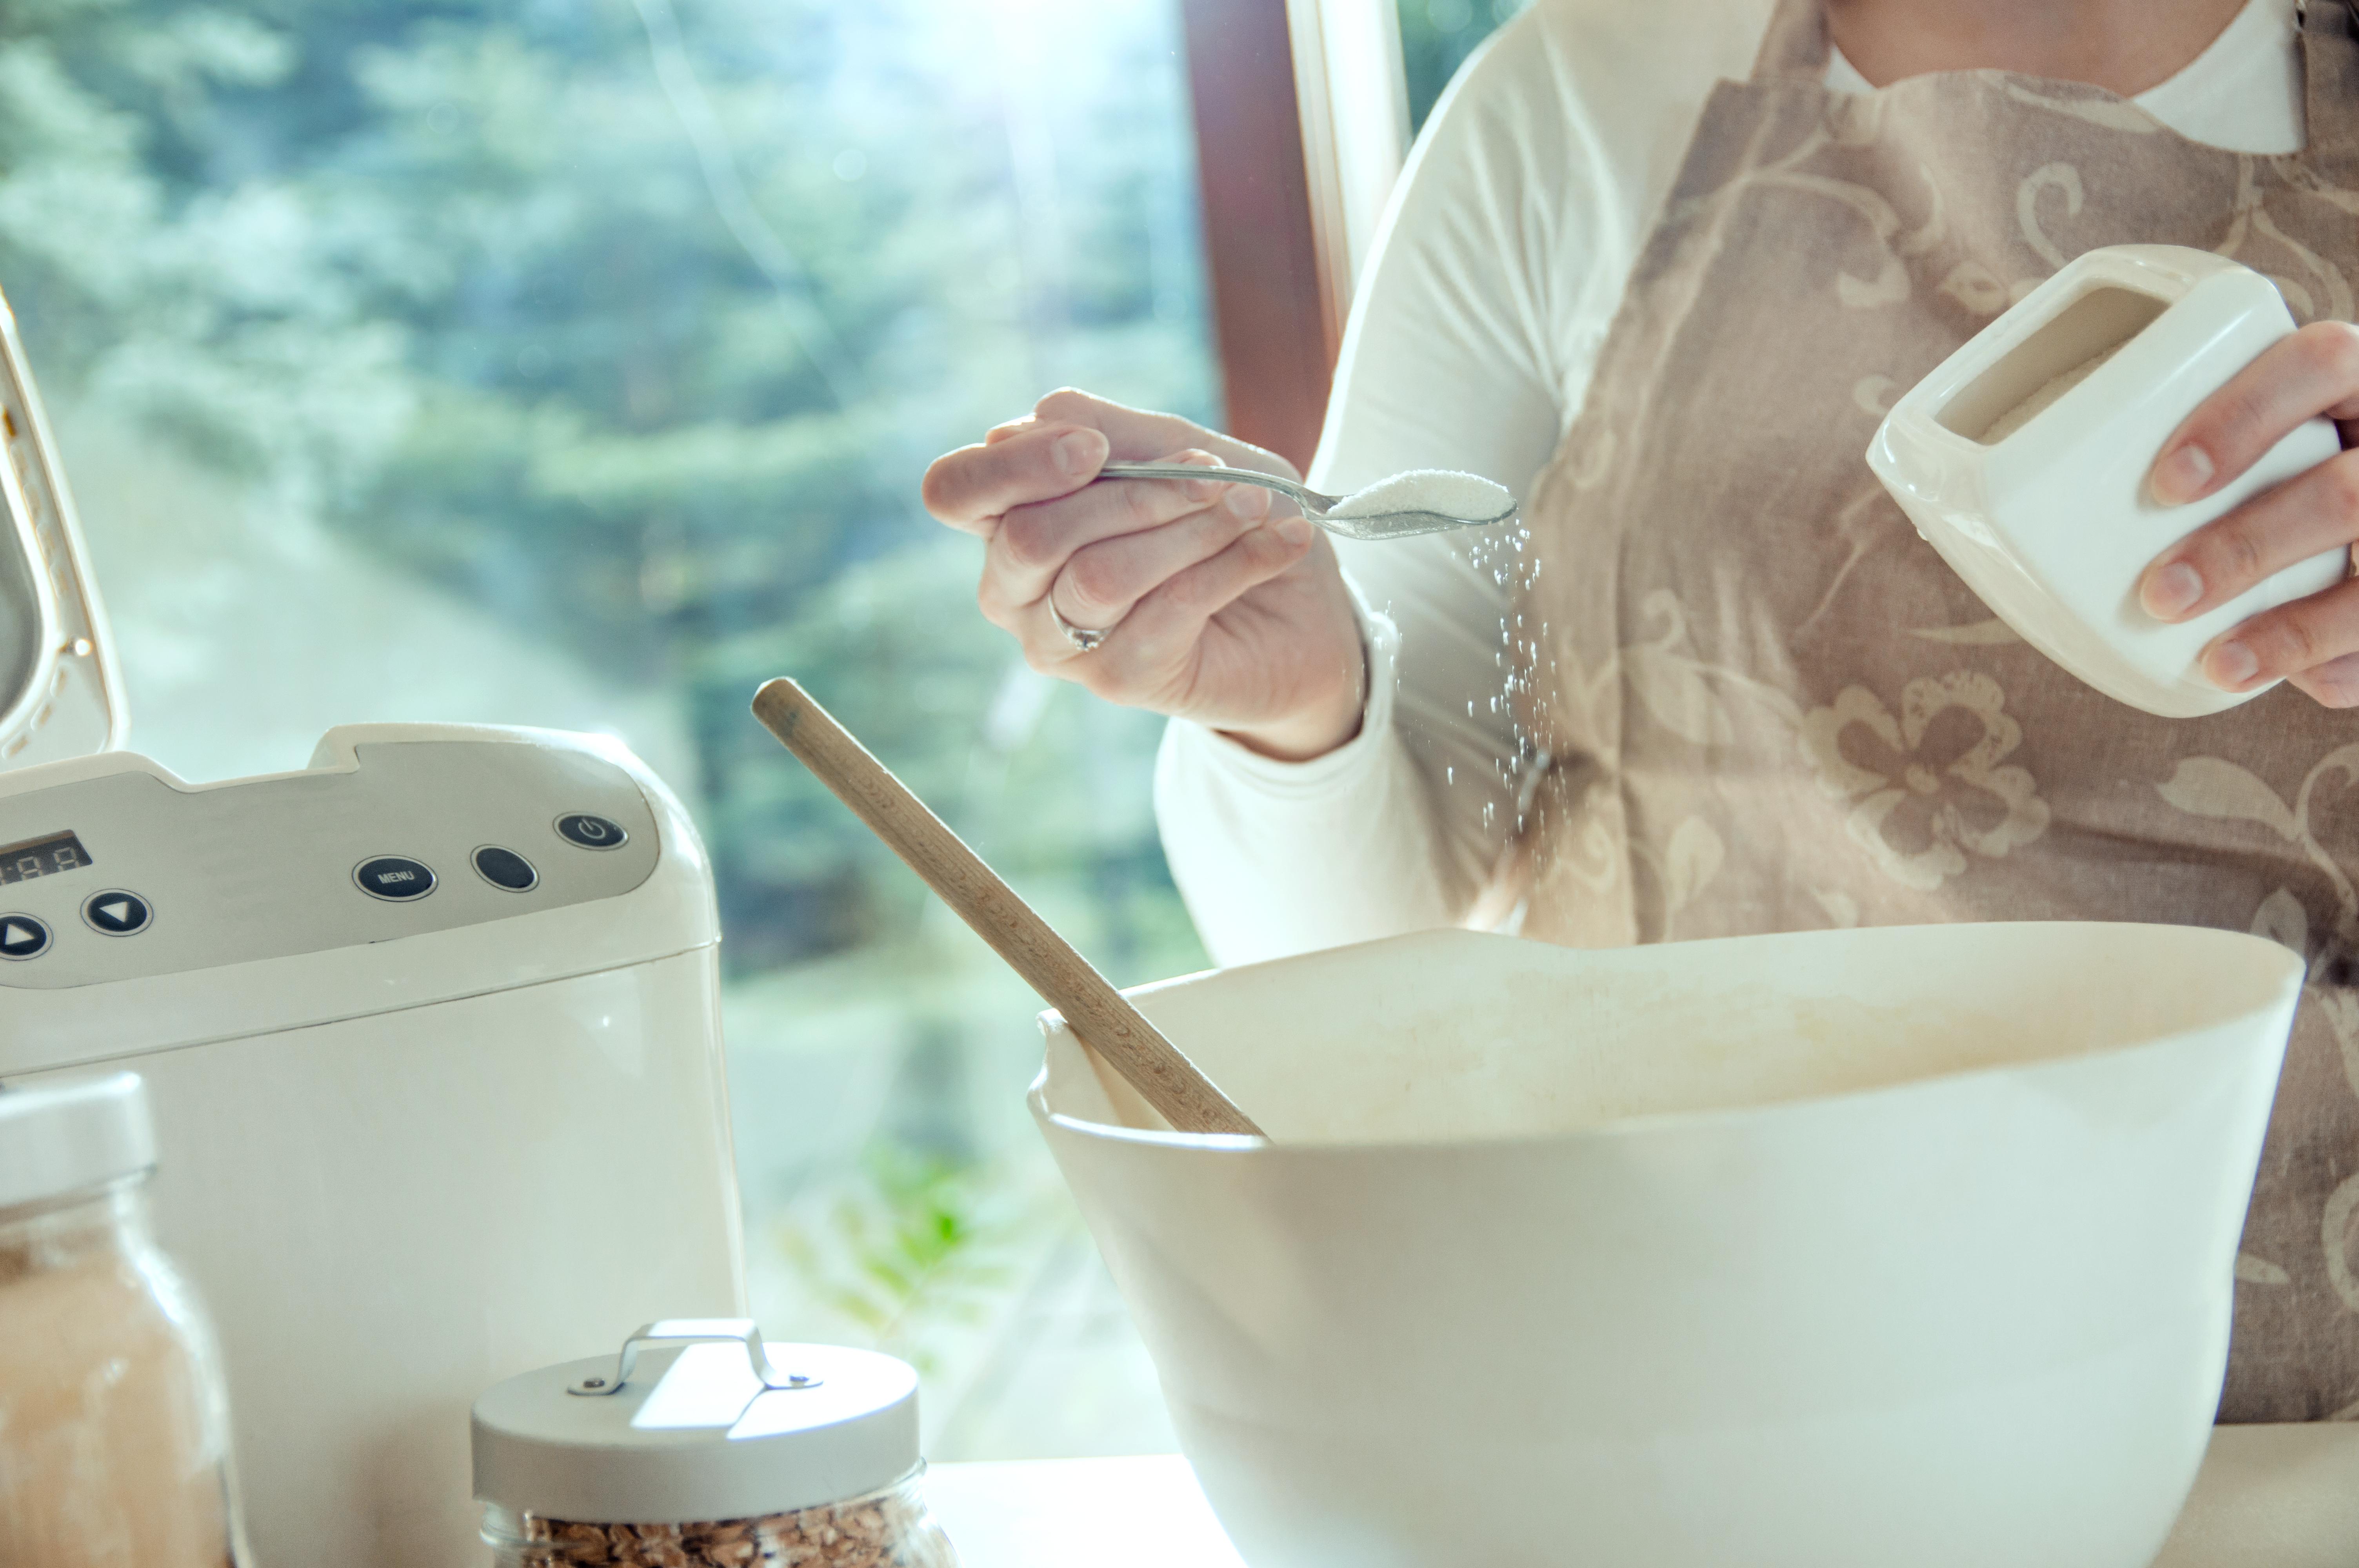 Livsmedelsindustrin måste sluta hälla salt i maten i onödan säger en av forskarna bakom den aktuella studien.